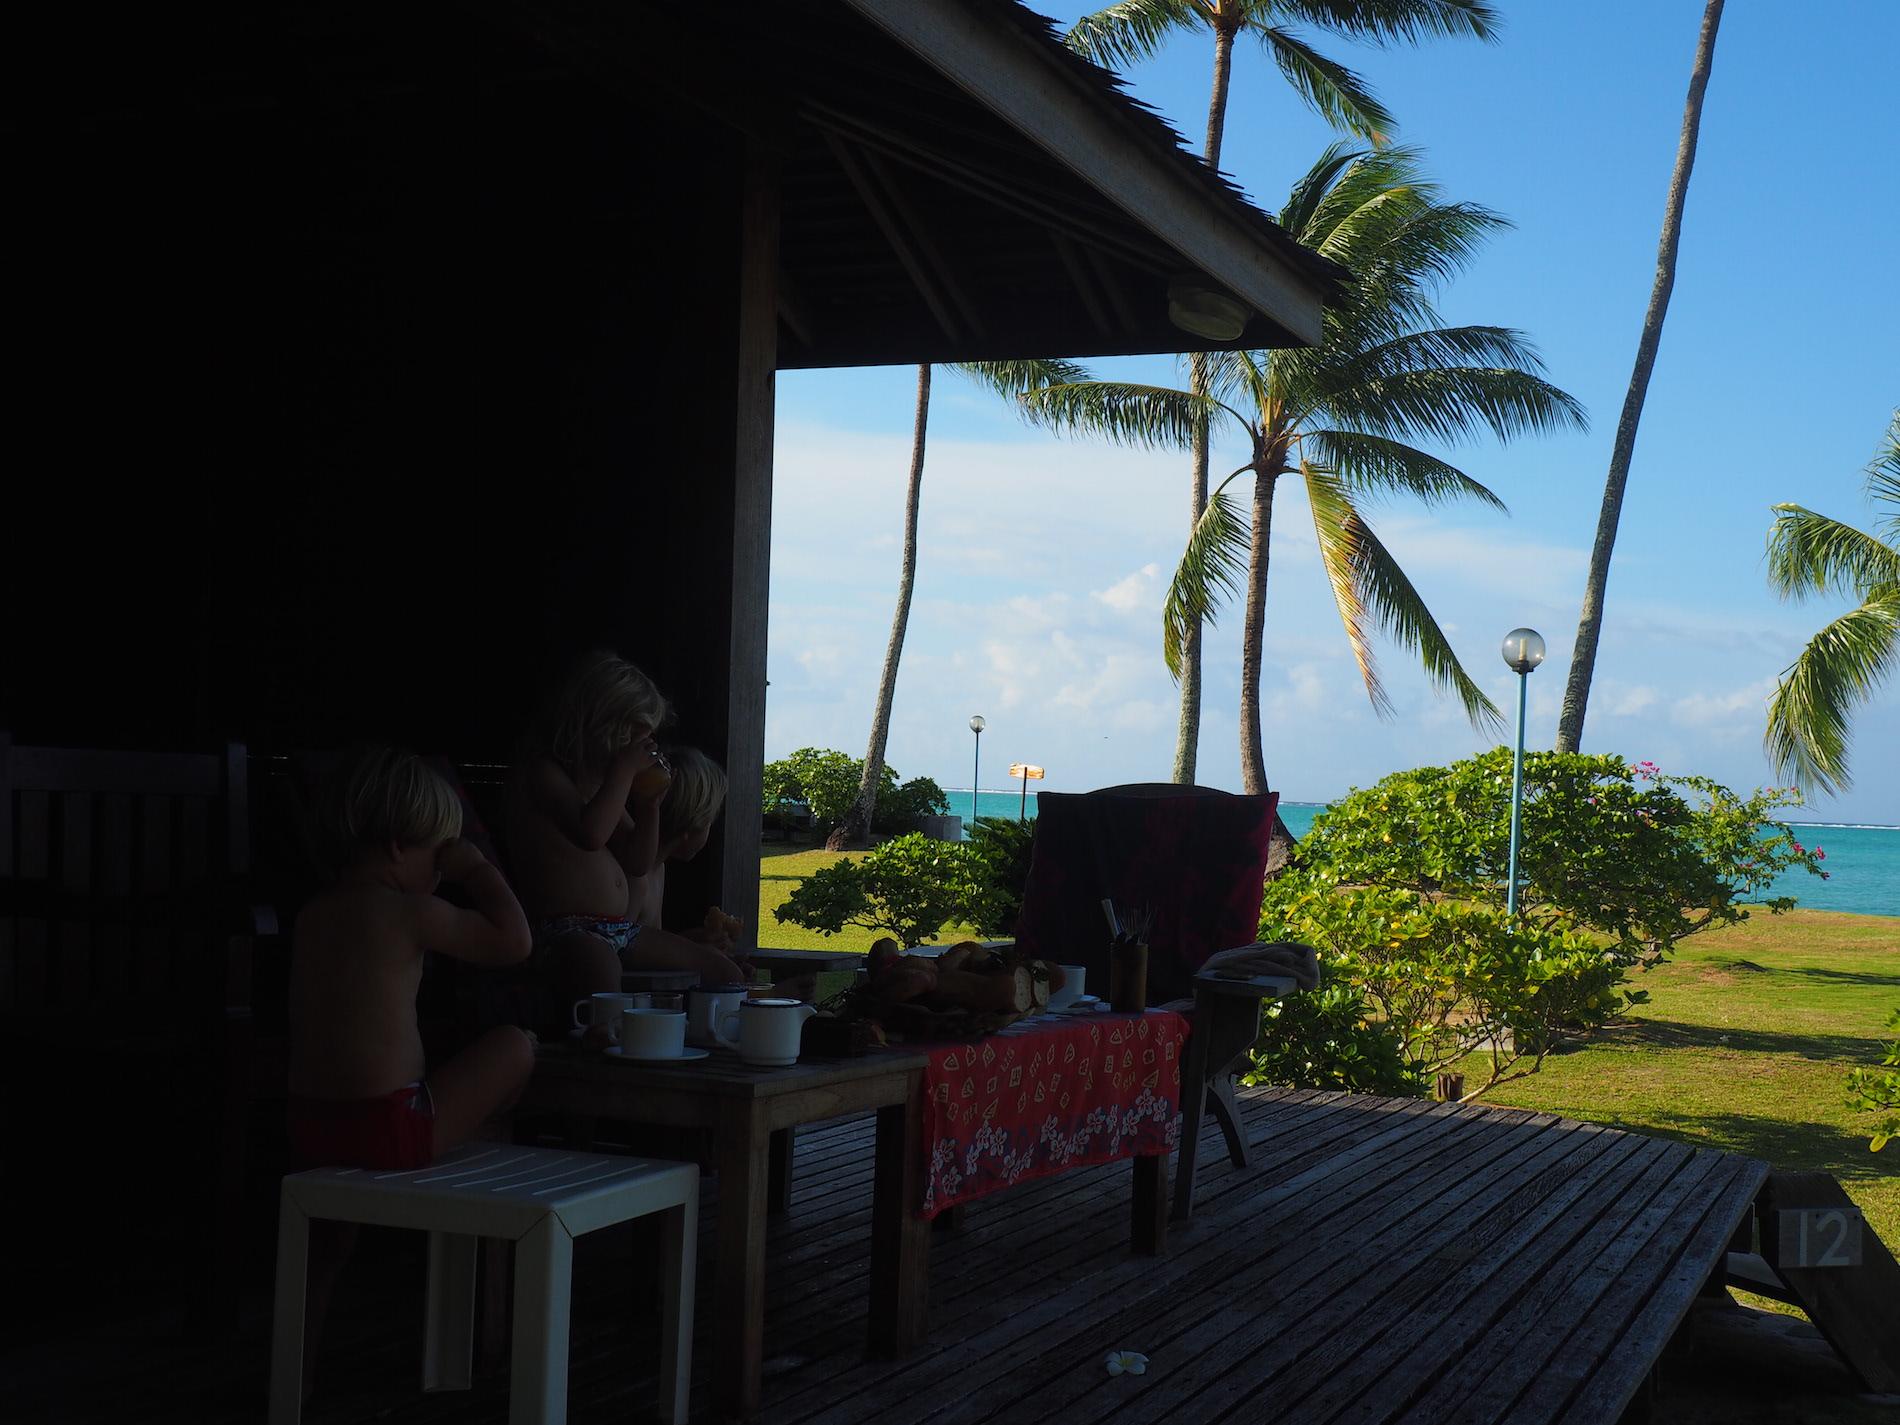 voyage-famille-polynesie